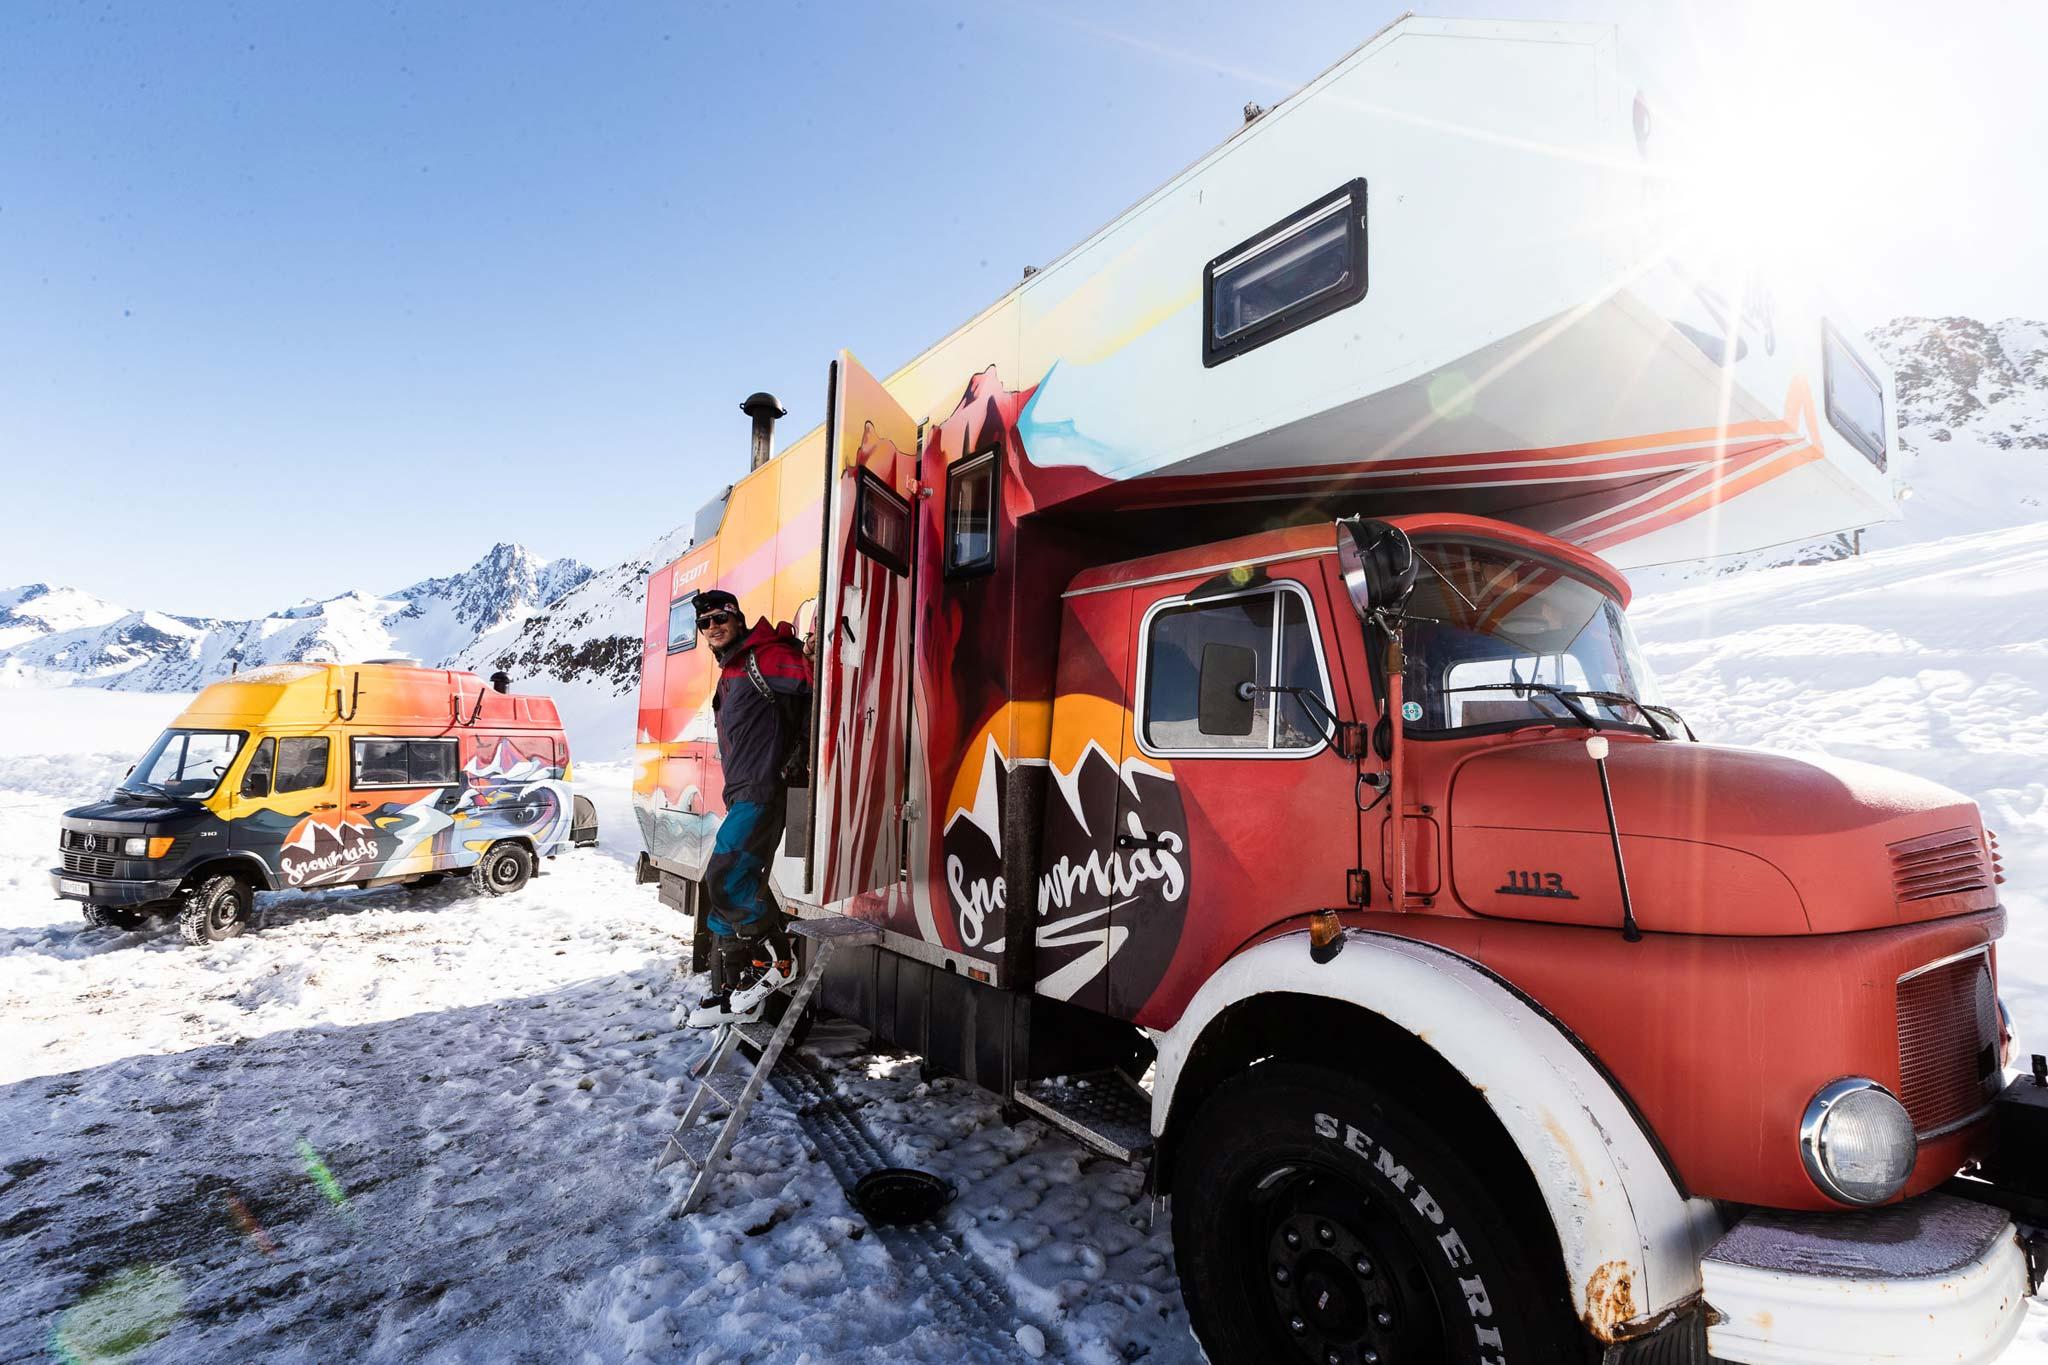 Neben dem weltweit bekannten Snowmads Truck hat auch Markus Ascher einen eigenen Van (links) im Snowmads-Style - Foto: Flo Breitenberger